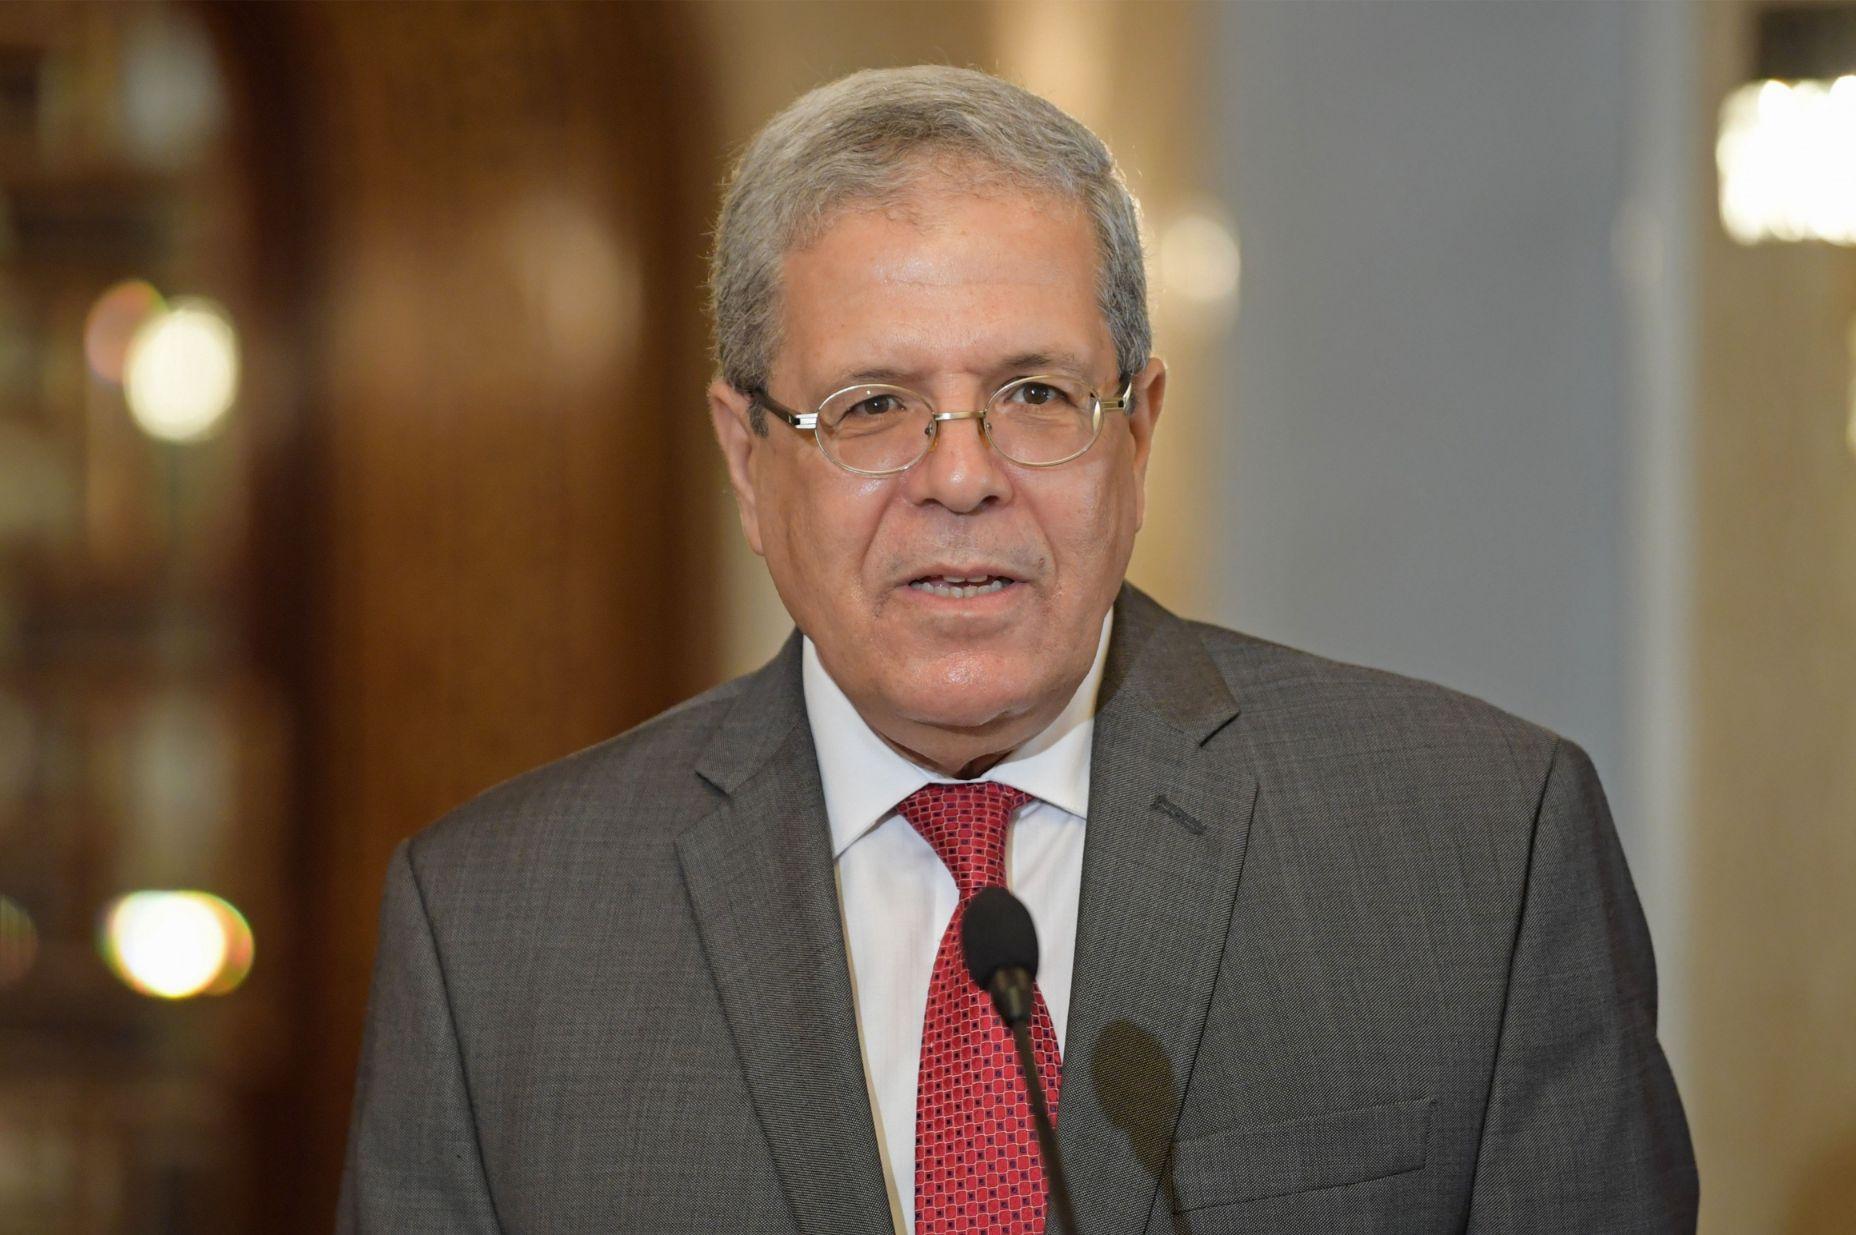 تونس بالأمم المتحدة تدابير الرئيس قيس سعيّد هدفها بناء  ديموقراطية حقيقية